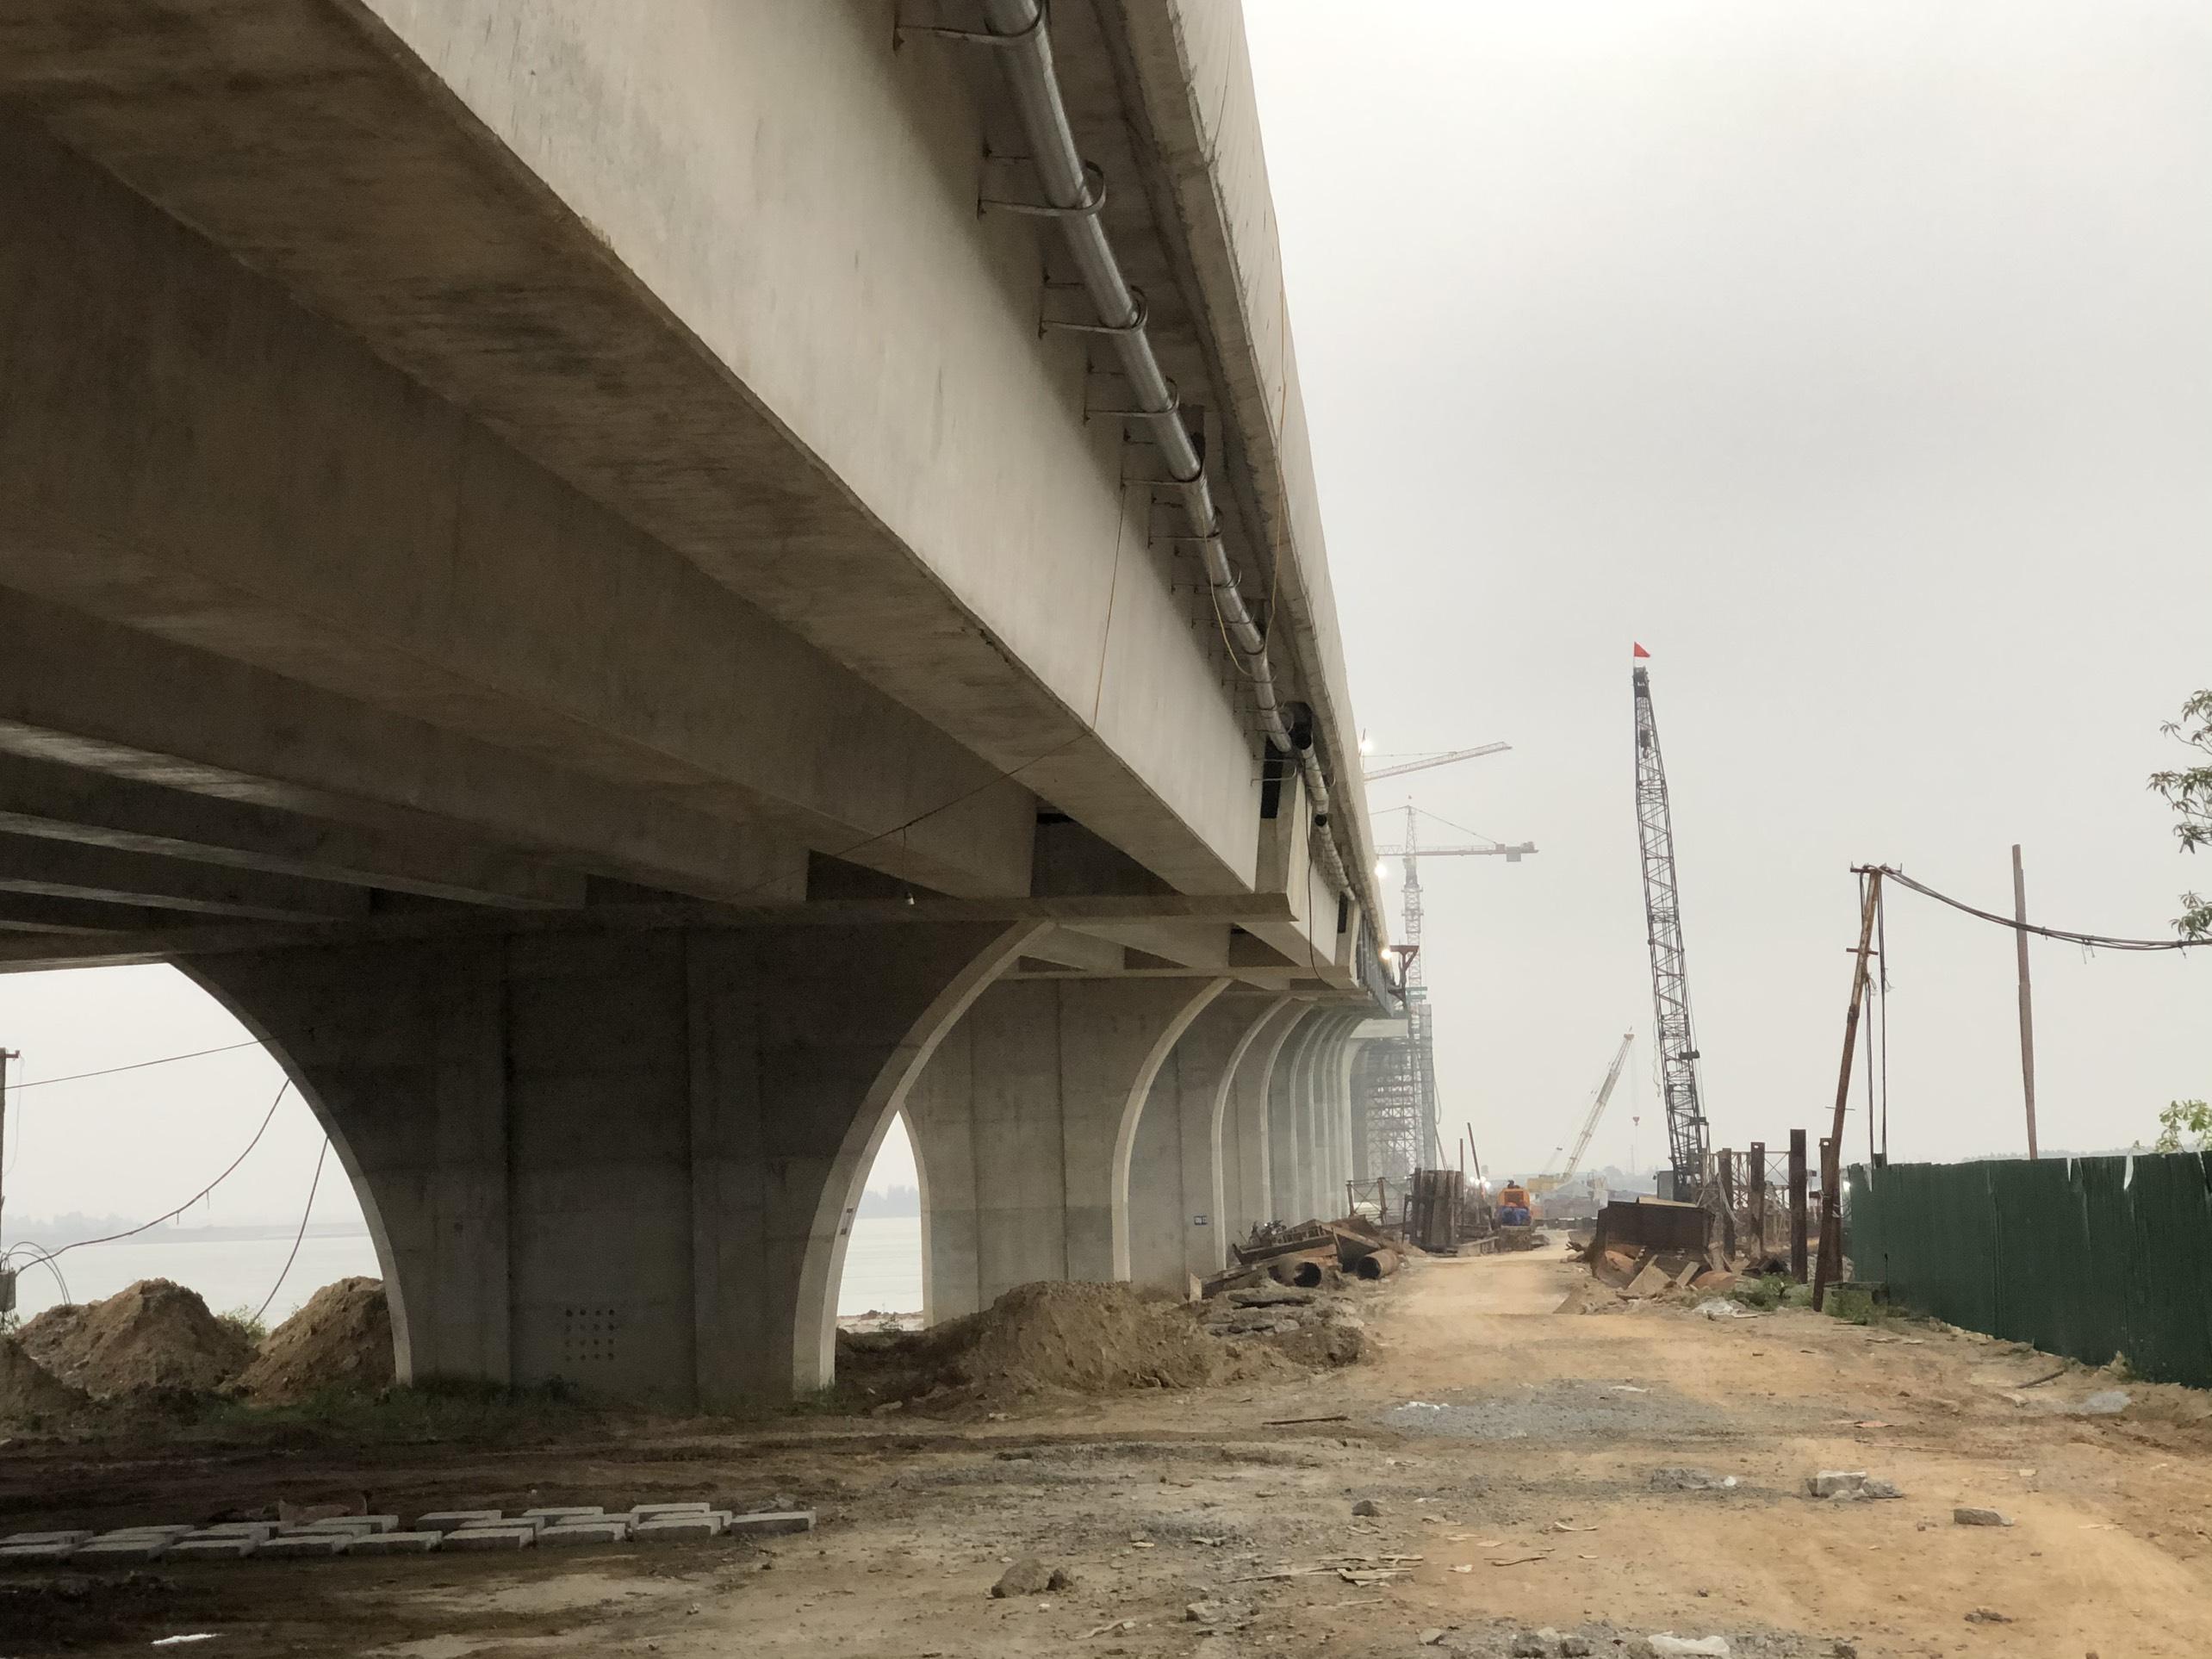 Cận cảnh cầu Cửa Hội nối hai tỉnh Nghệ An - Hà Tĩnh, tổng mức đầu tư 950 tỉ đồng, dự kiến thông xe tháng 8/2020 - Ảnh 11.